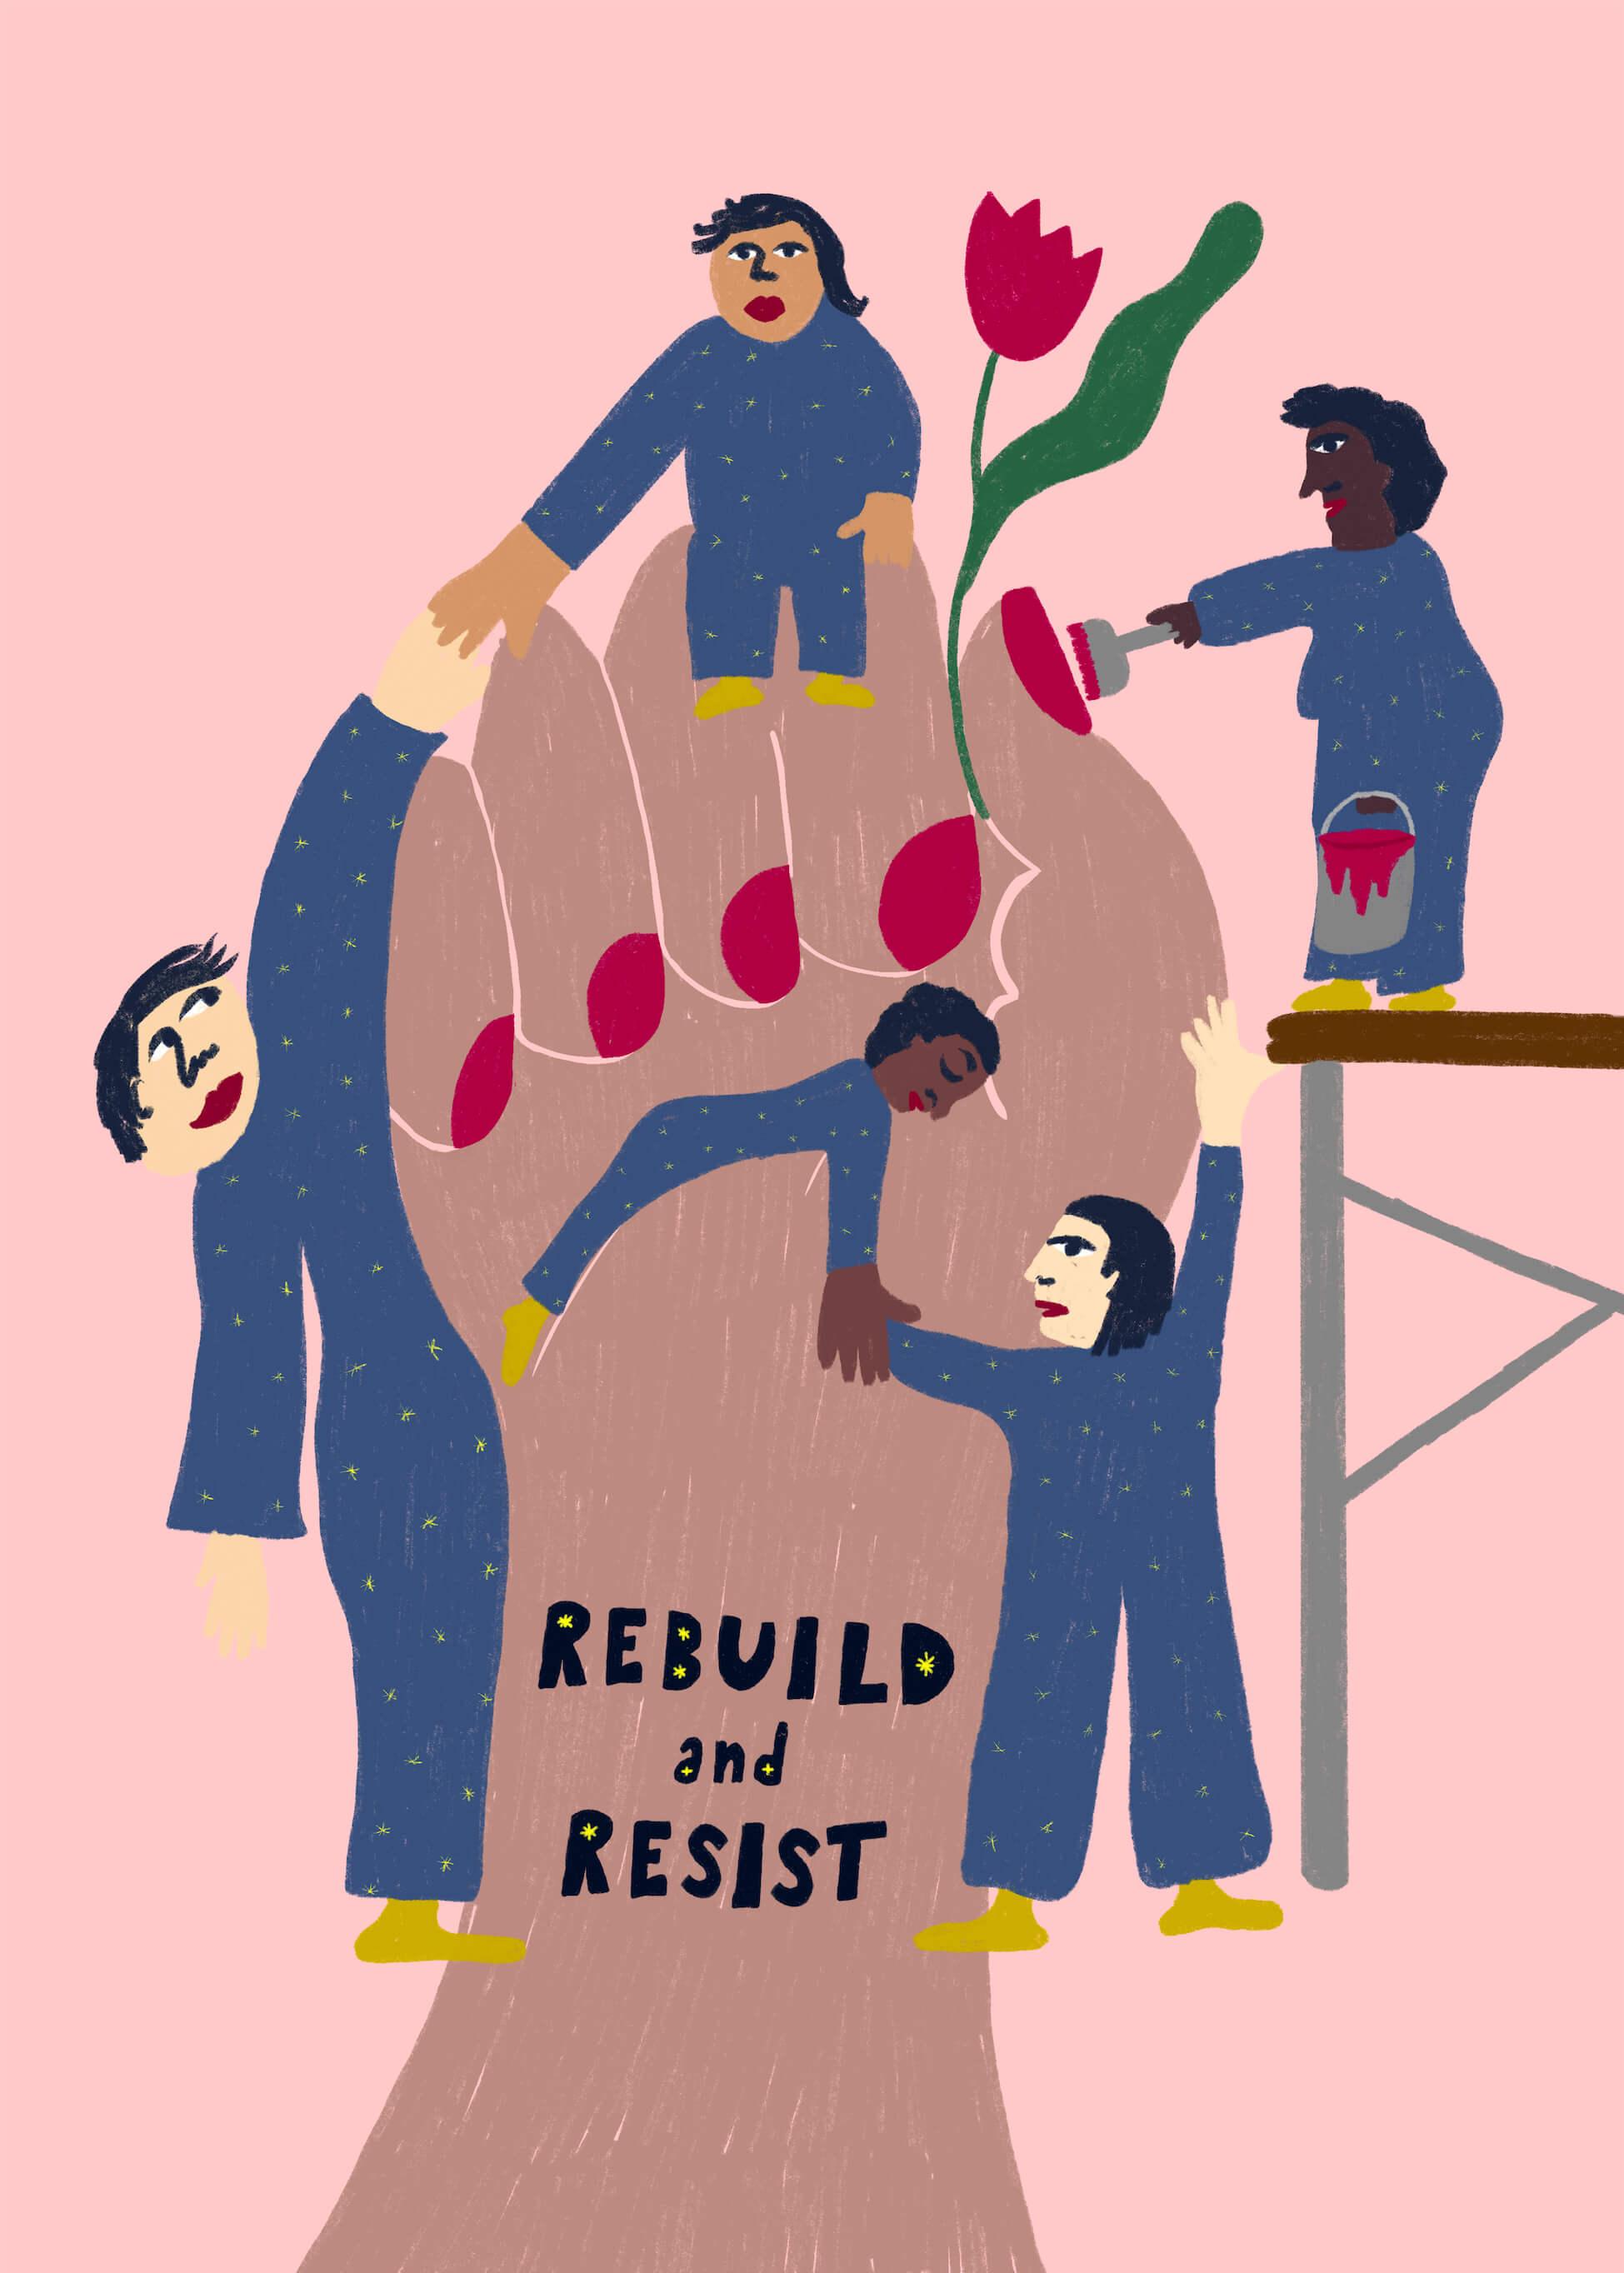 Rebuild & Resist main image